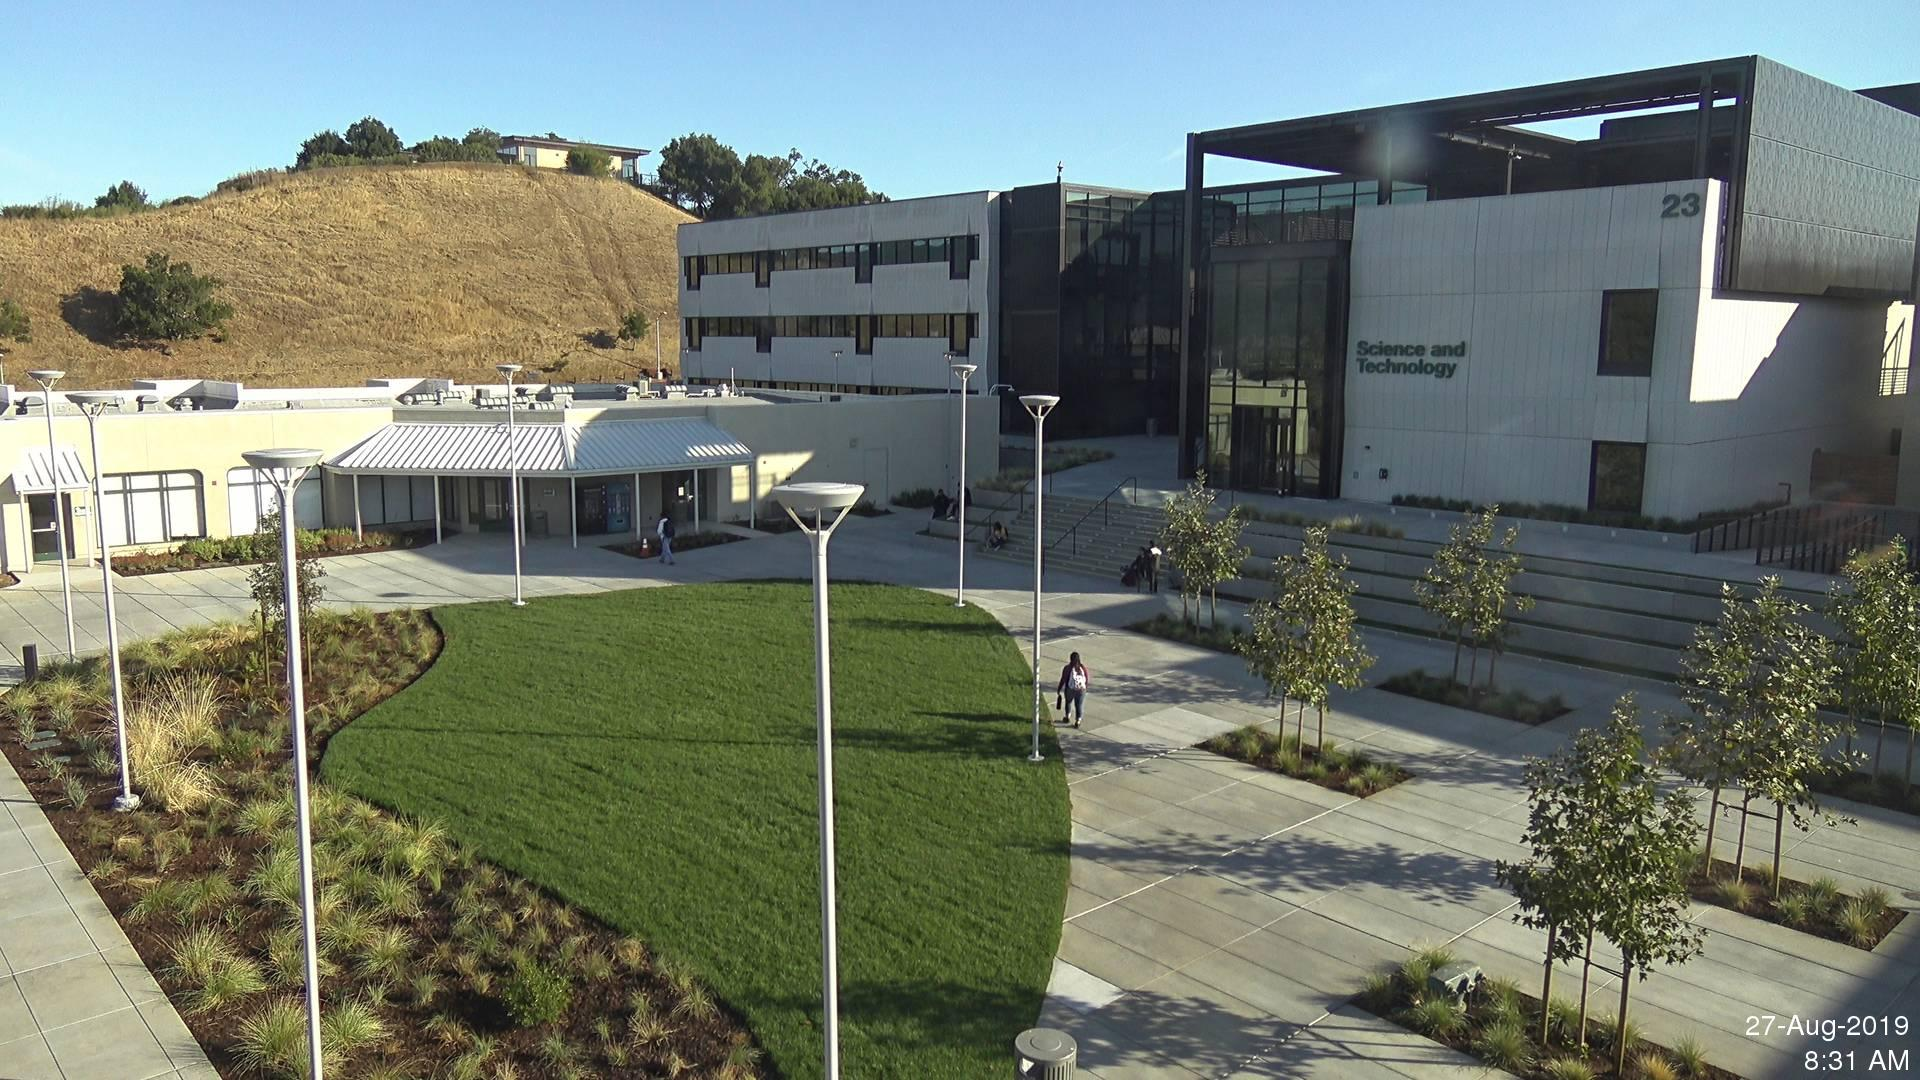 Live Construction Site View